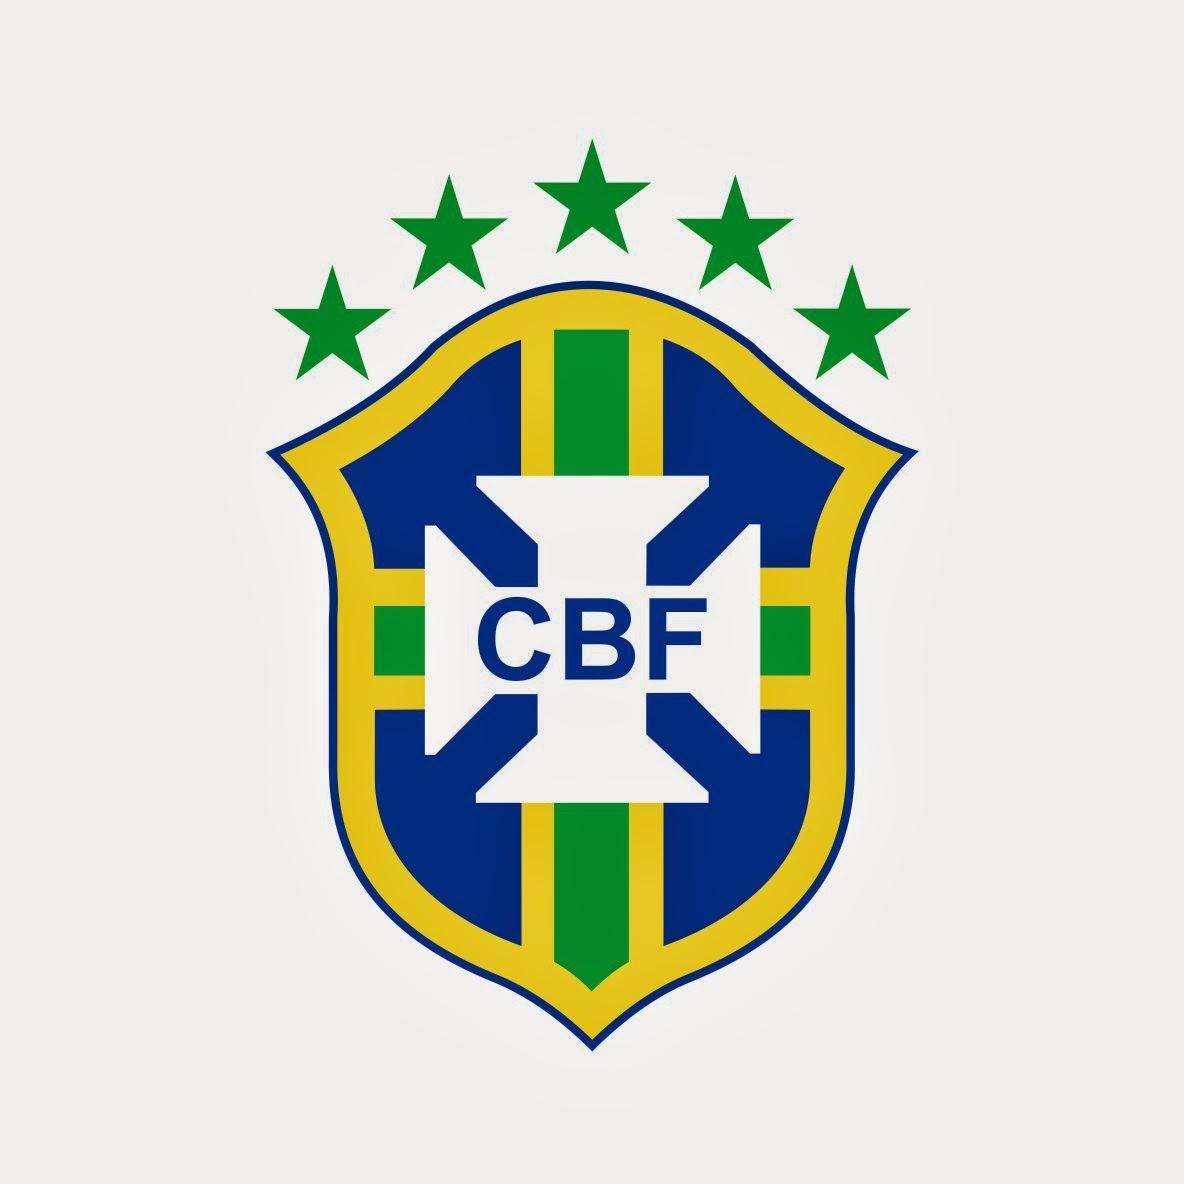 """GALERÍA Estos son los escudos más """"freaks"""" del fútbol  - Imagenes De Escudos De Futbol Mundial"""